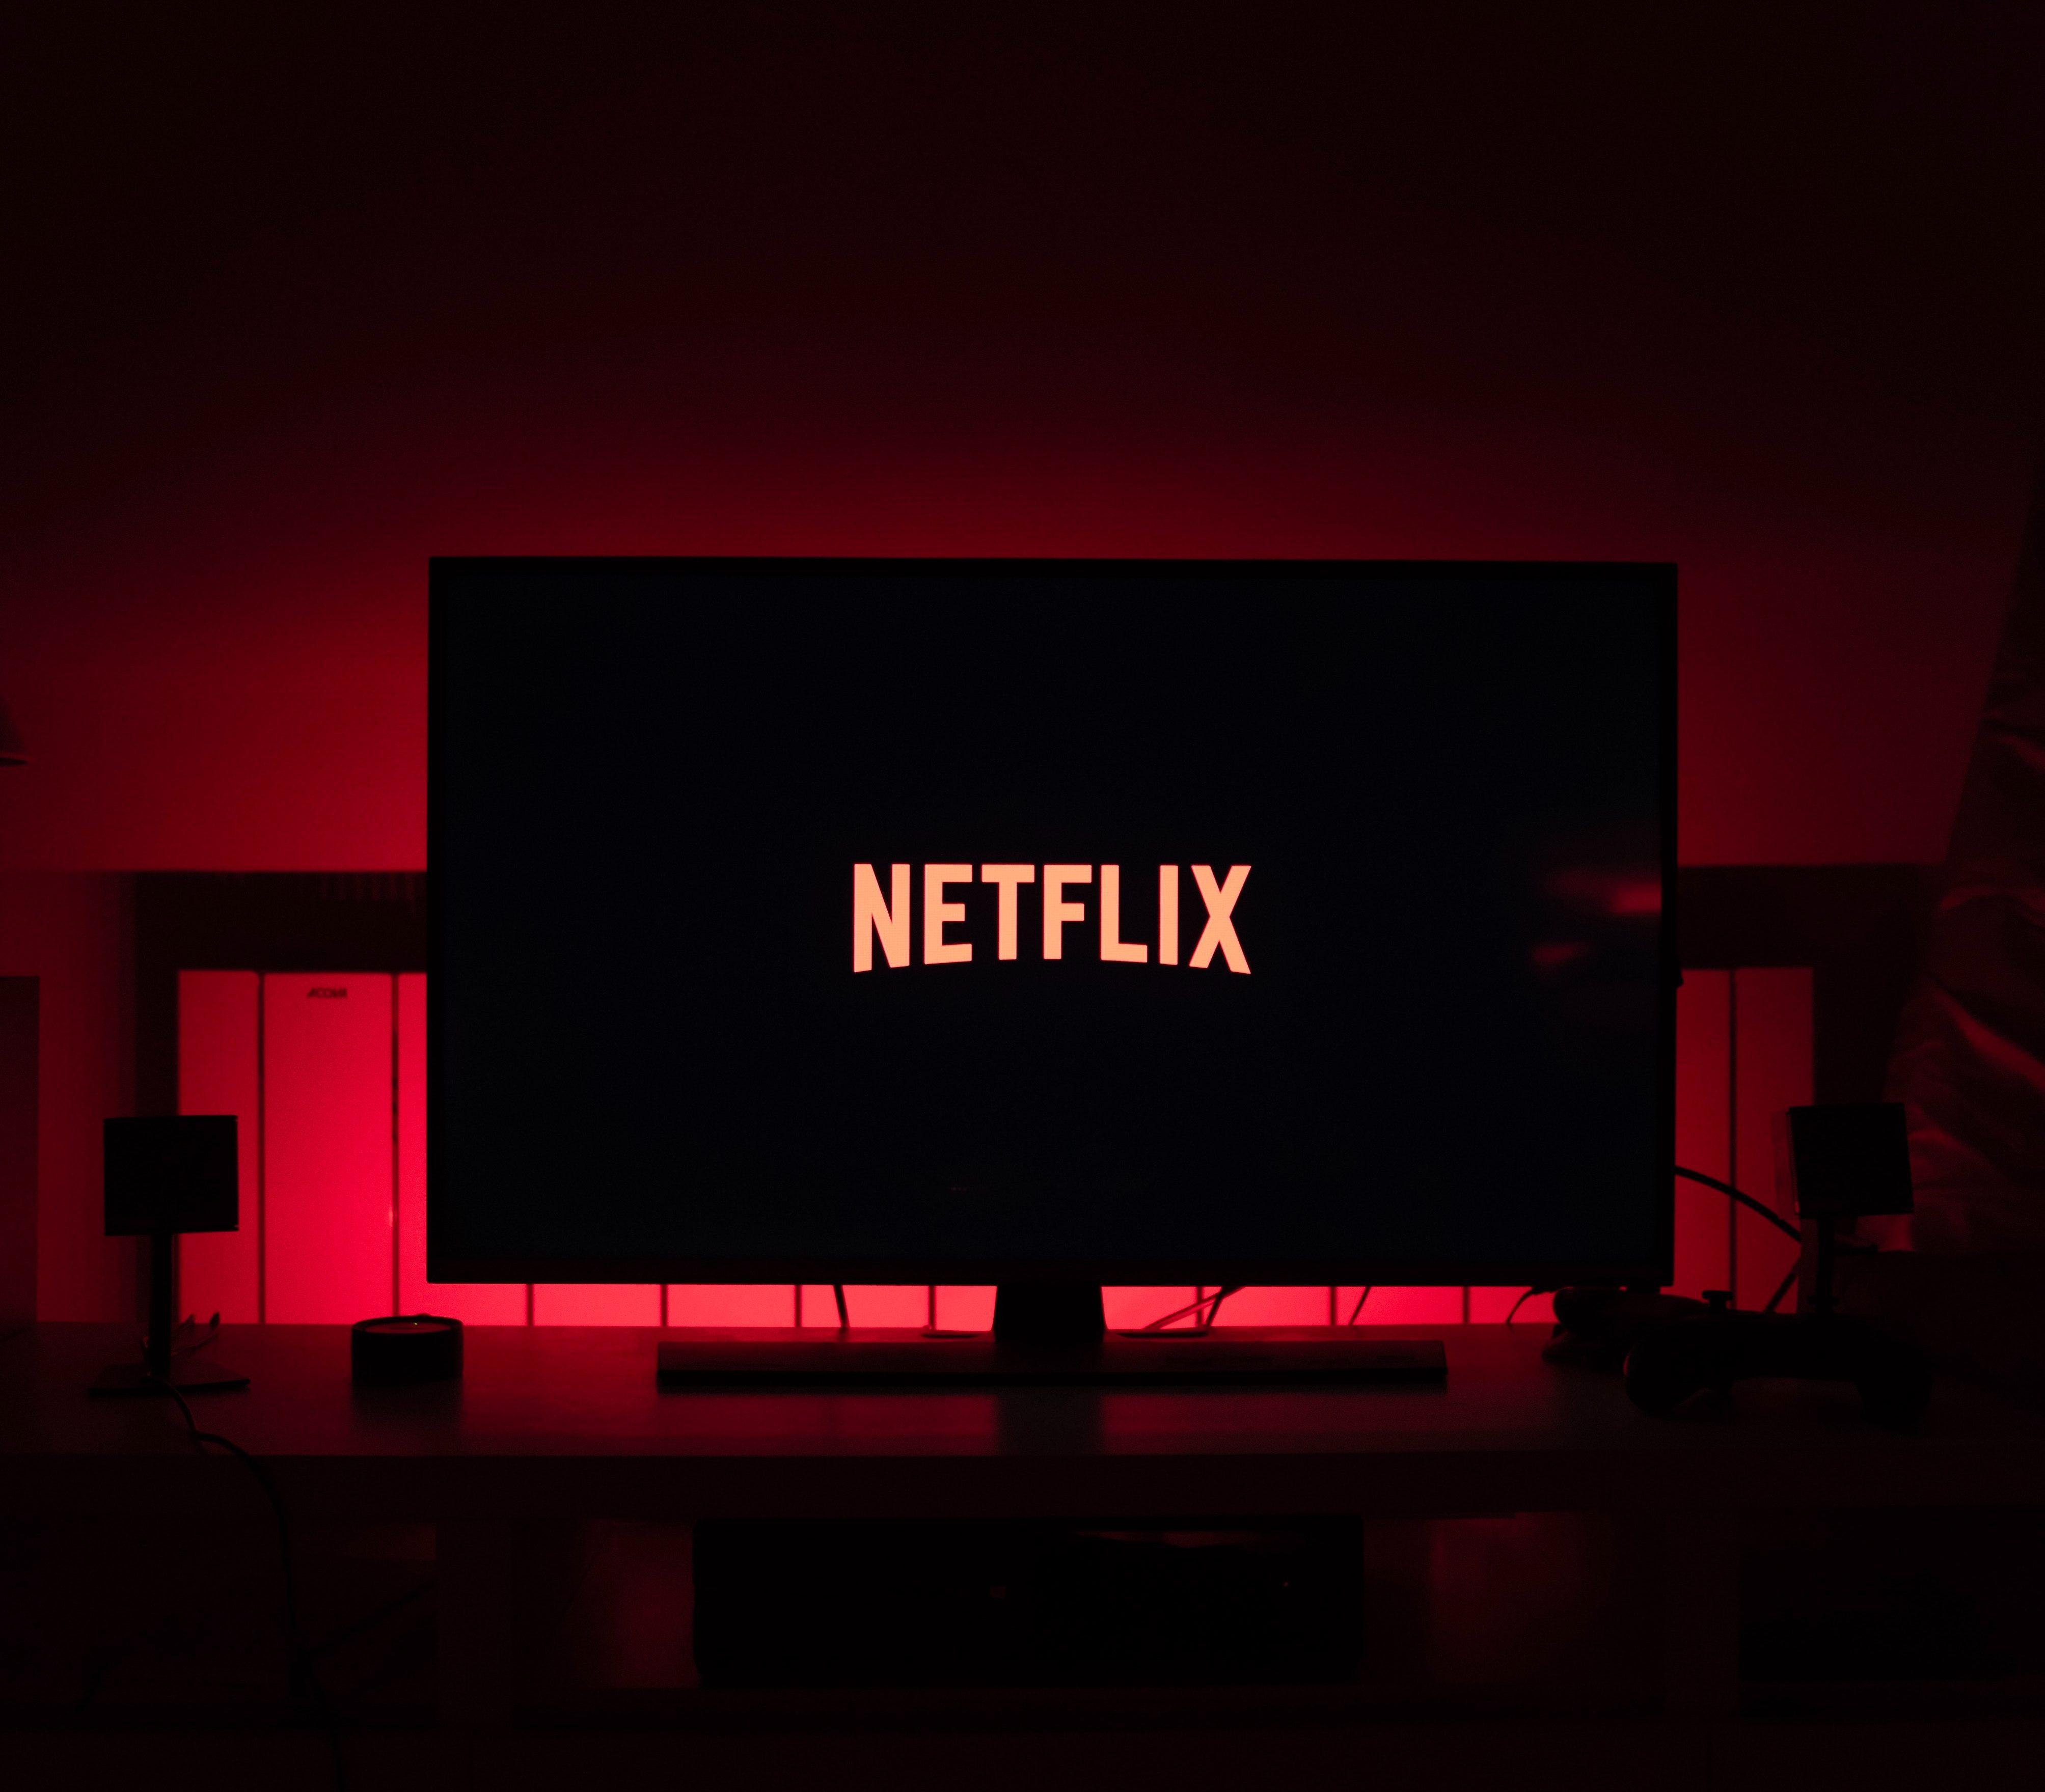 Netflix reaktivierte Benutzer ohne Erlaubnis